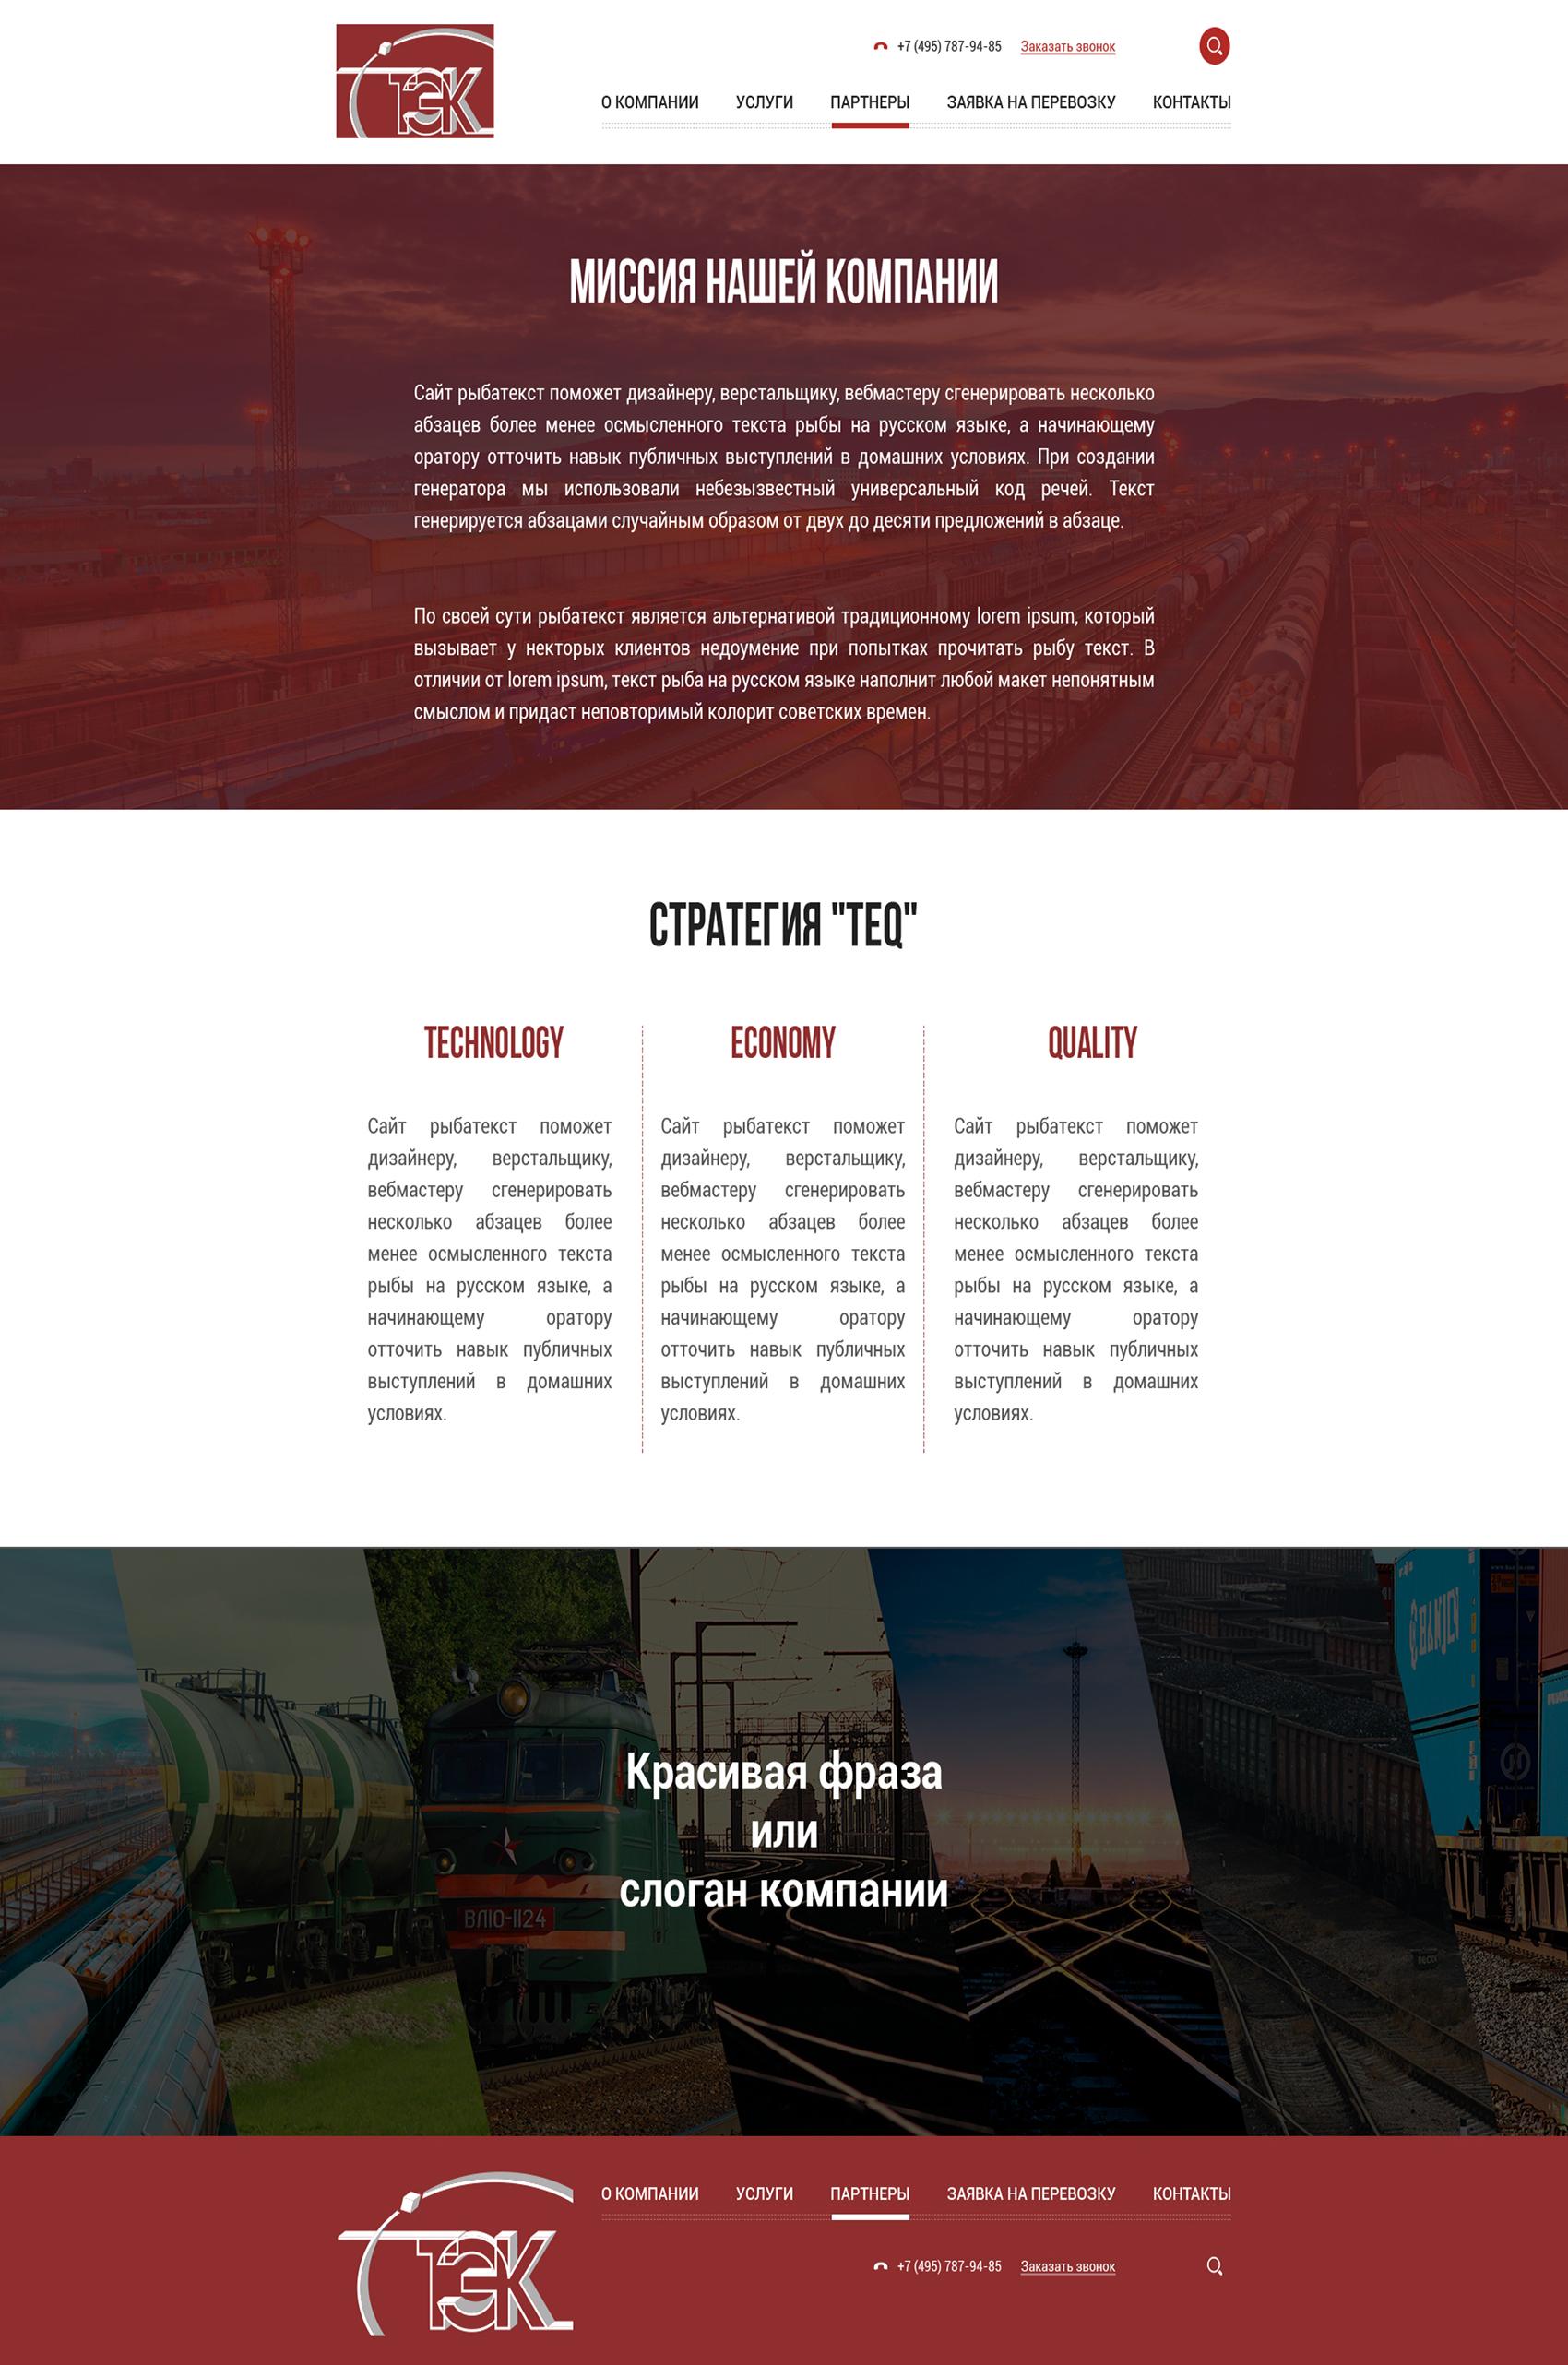 Разработка сайта по железнодорожным перевозкам